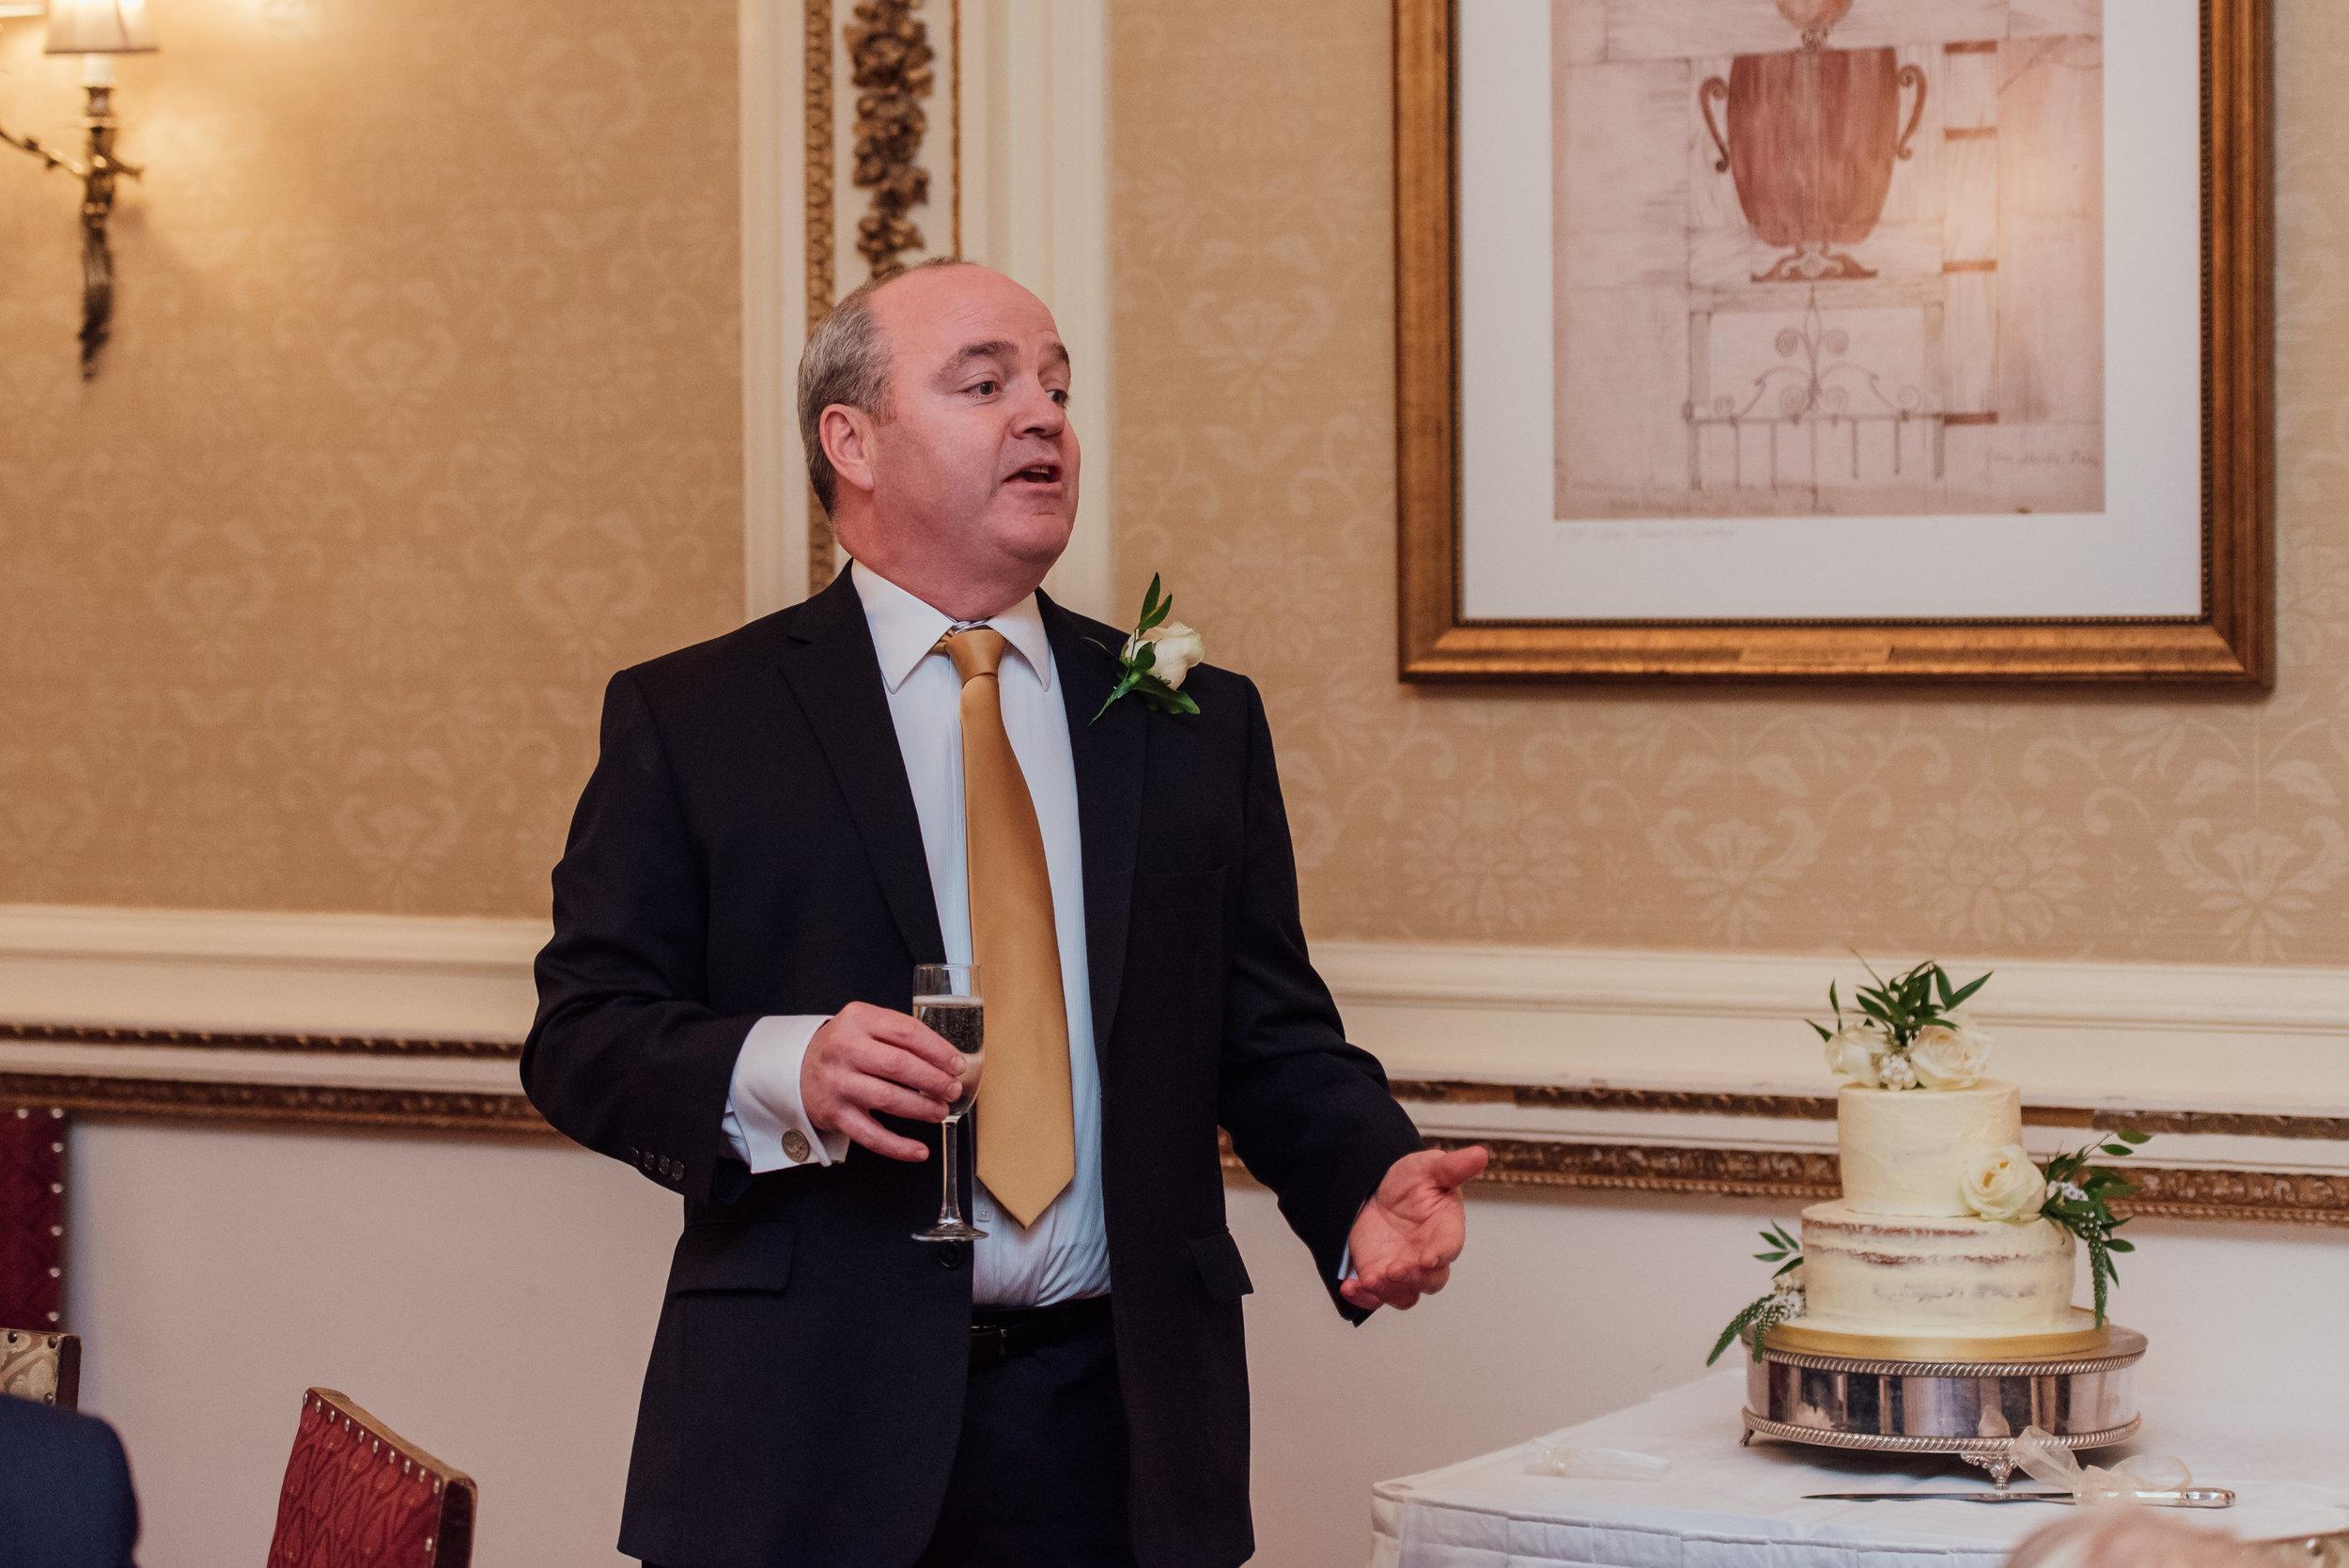 hampshire-wedding-photographer-hampshire / Amy-james-photography / tylney-hall-wedding / tylney-hall-wedding-photographer / hook-hampshire-wedding-venue / autumn-wedding / documentary-wedding-photographer-hampshire / fleet-wedding-photographer-farnborough